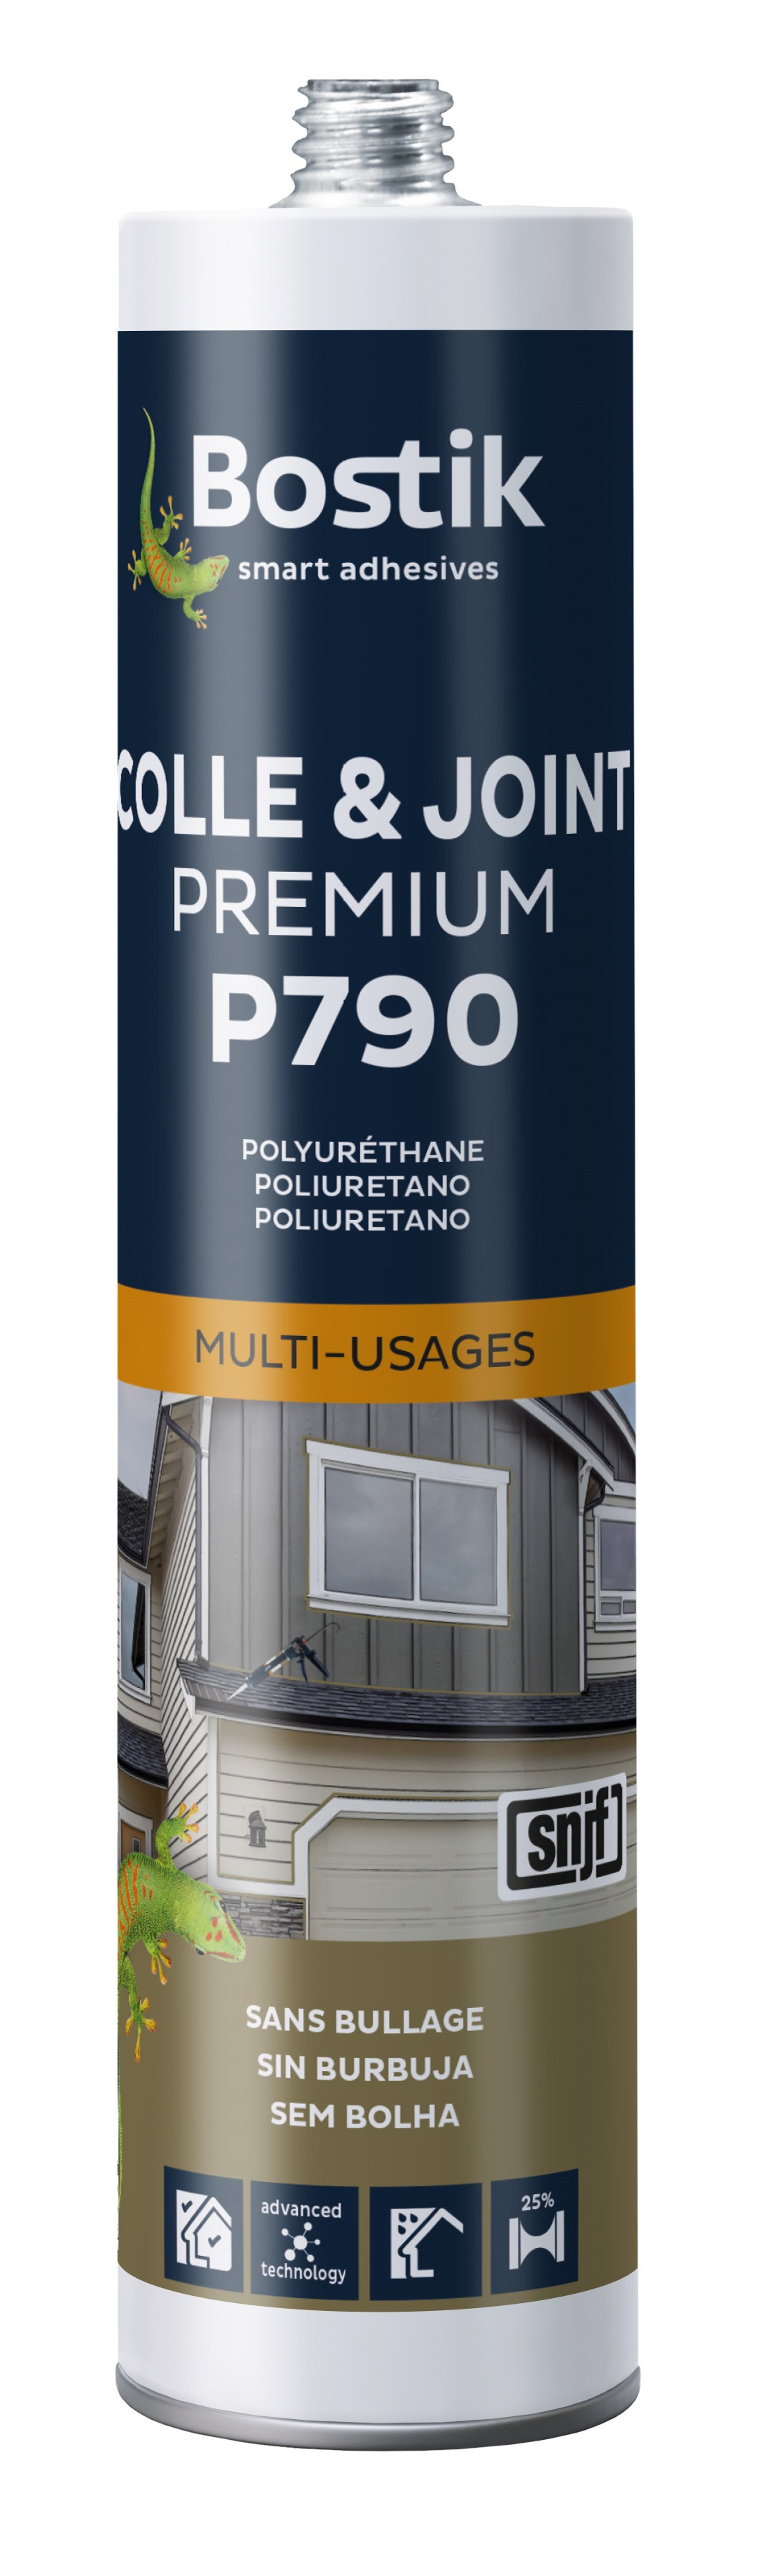 Colle et joint Premium P790 BOSTIK - 3061637